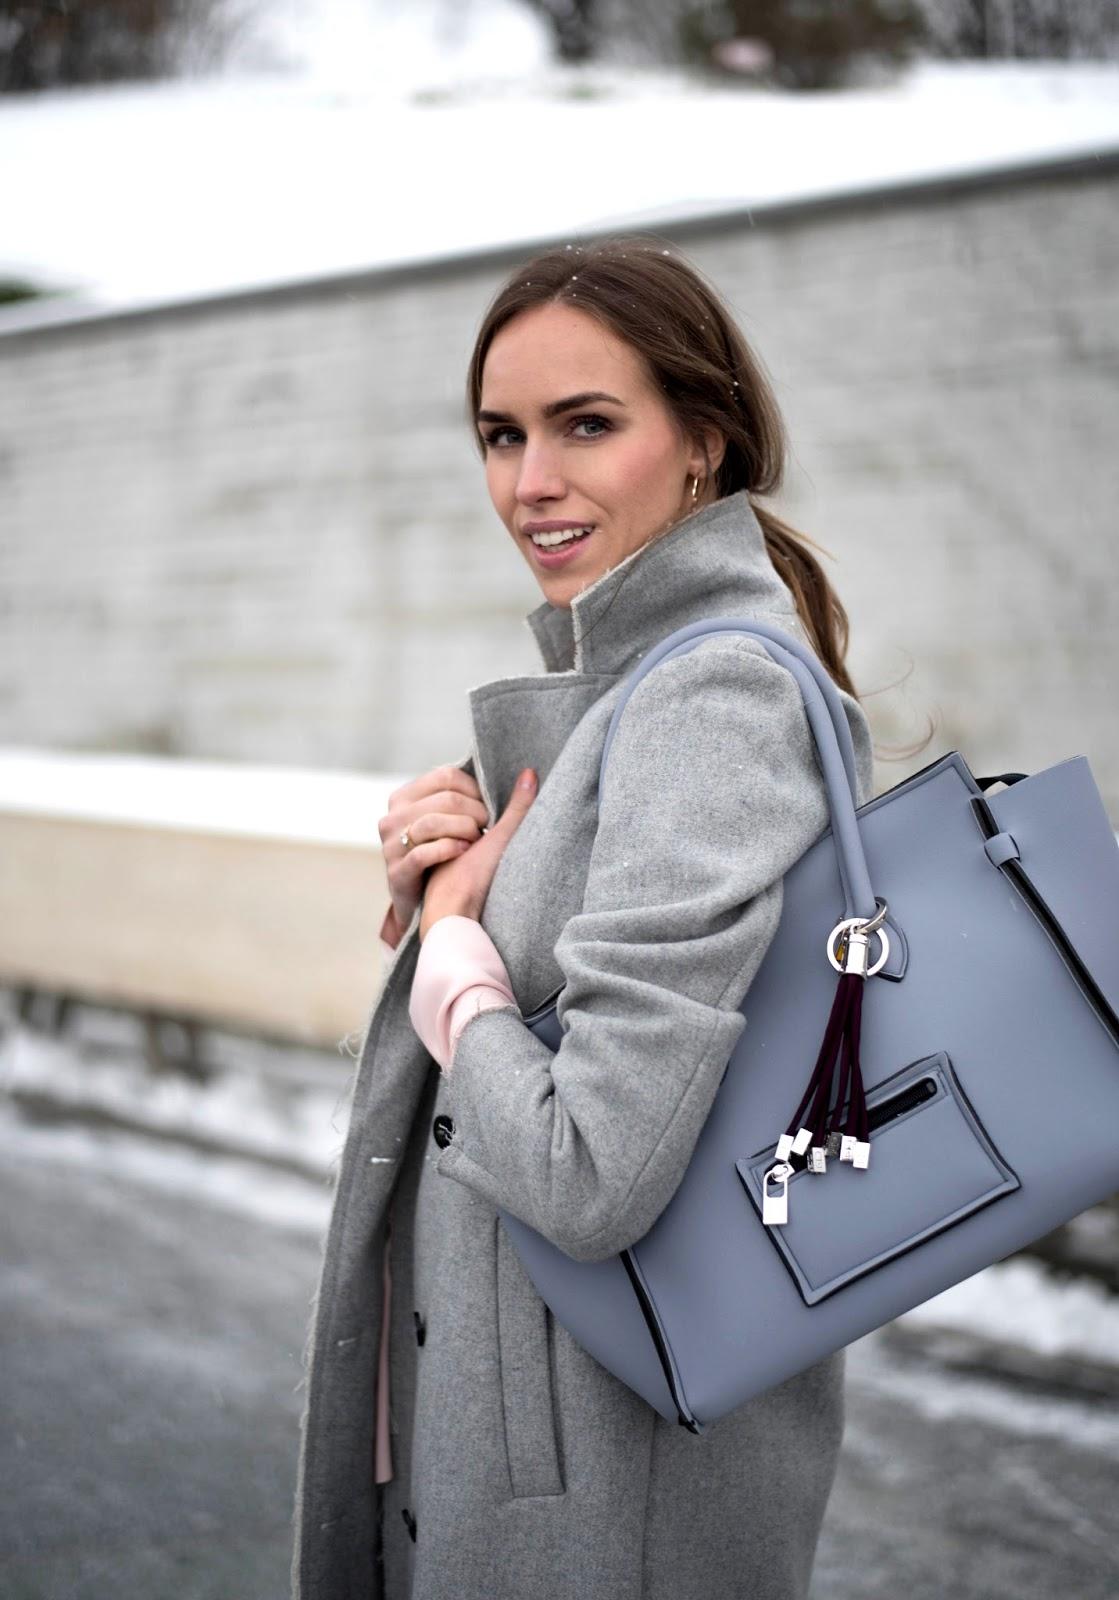 save my bag portofino outfit